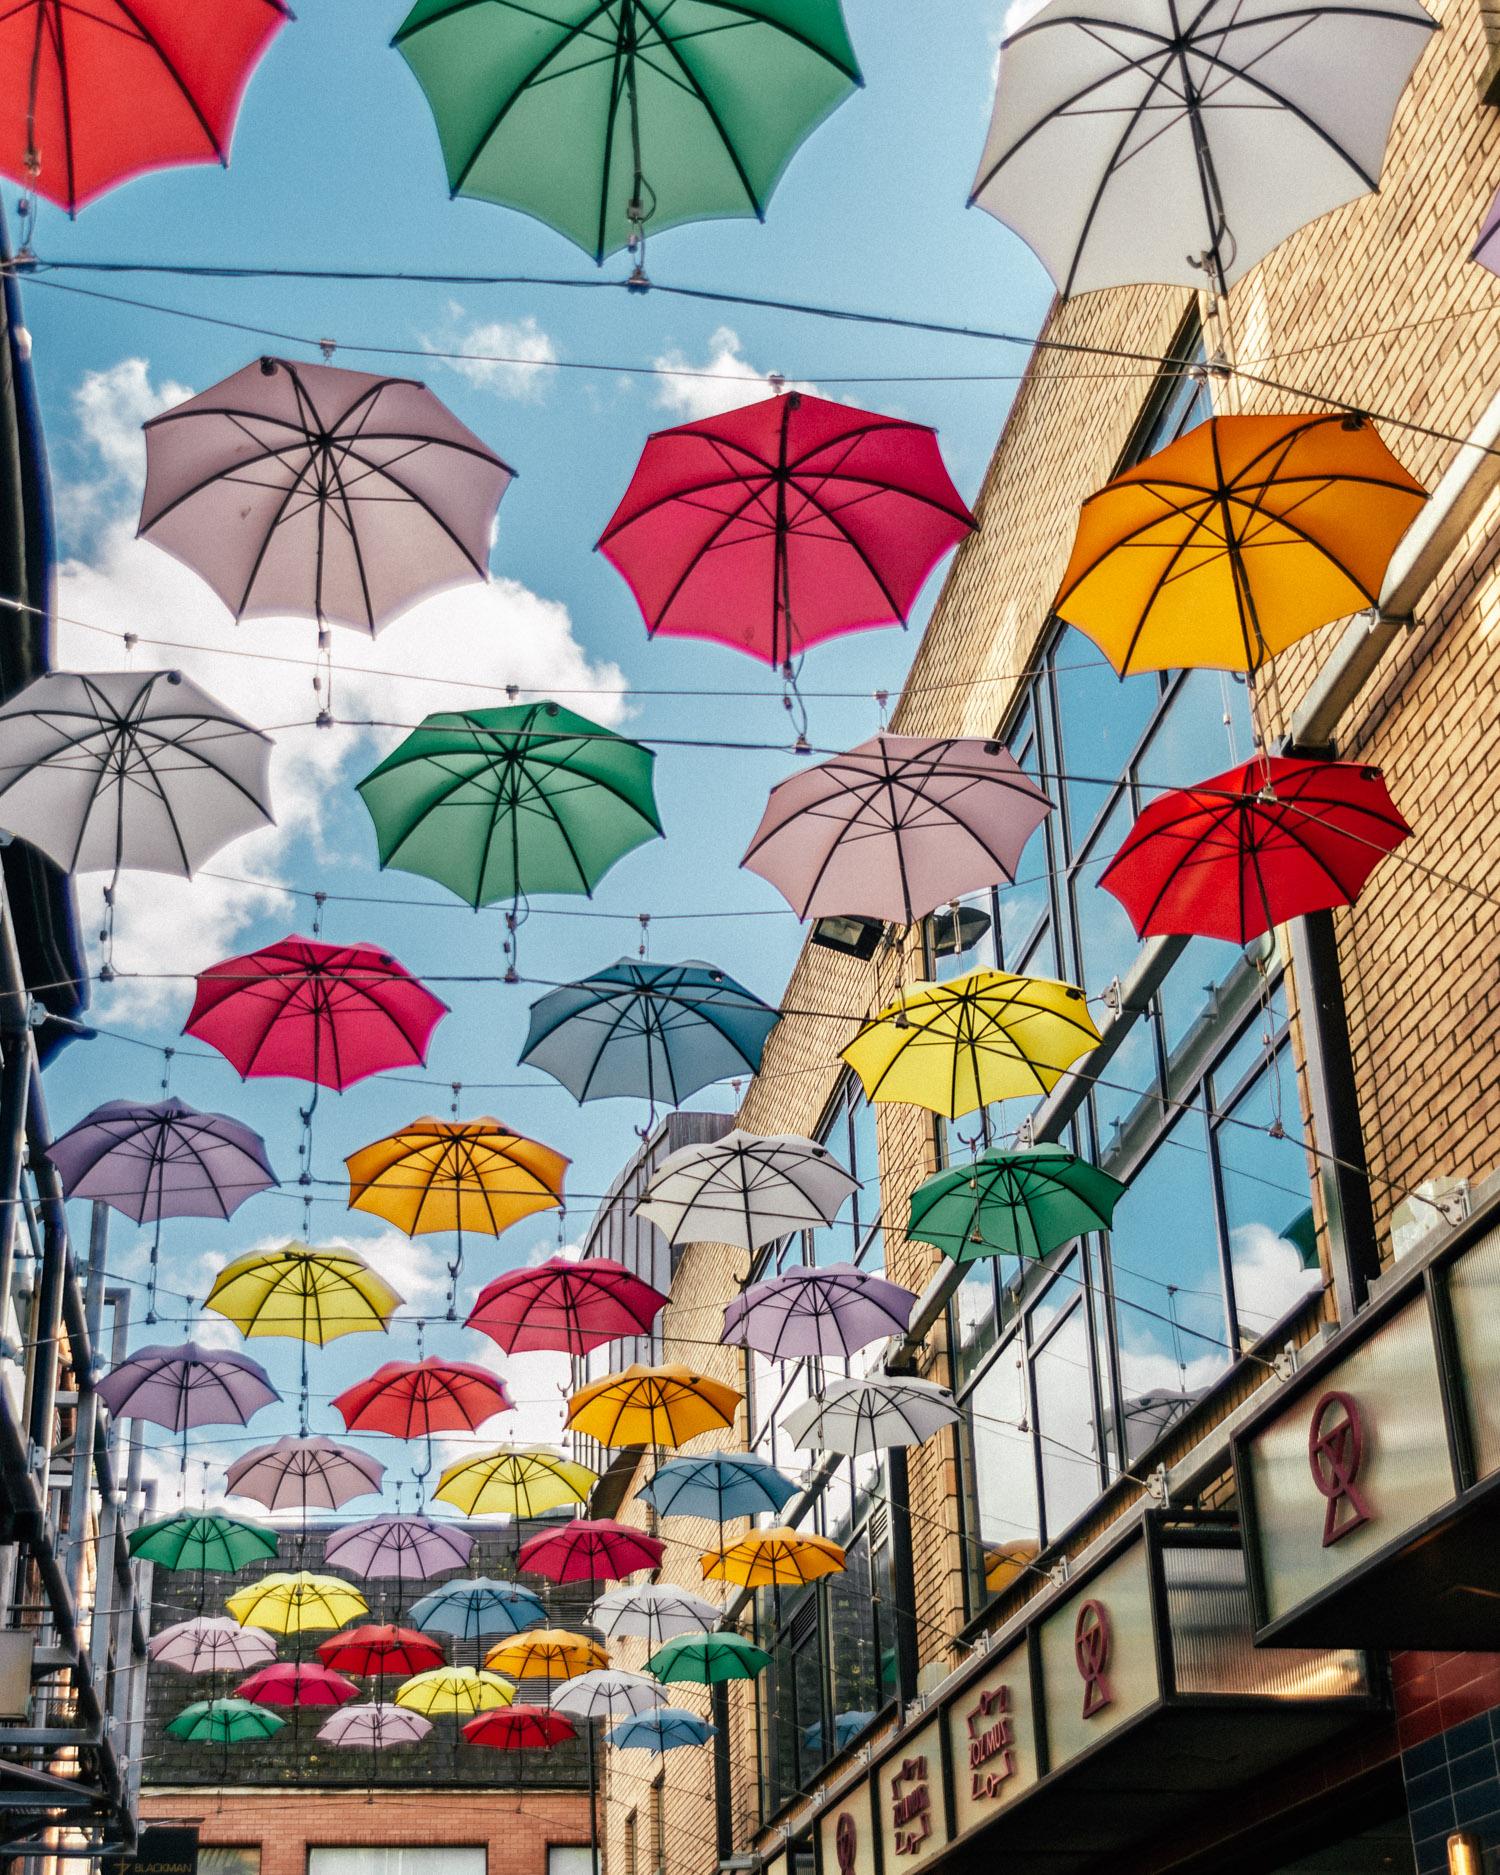 Roof of colorful umbrellas in Dublin, Ireland